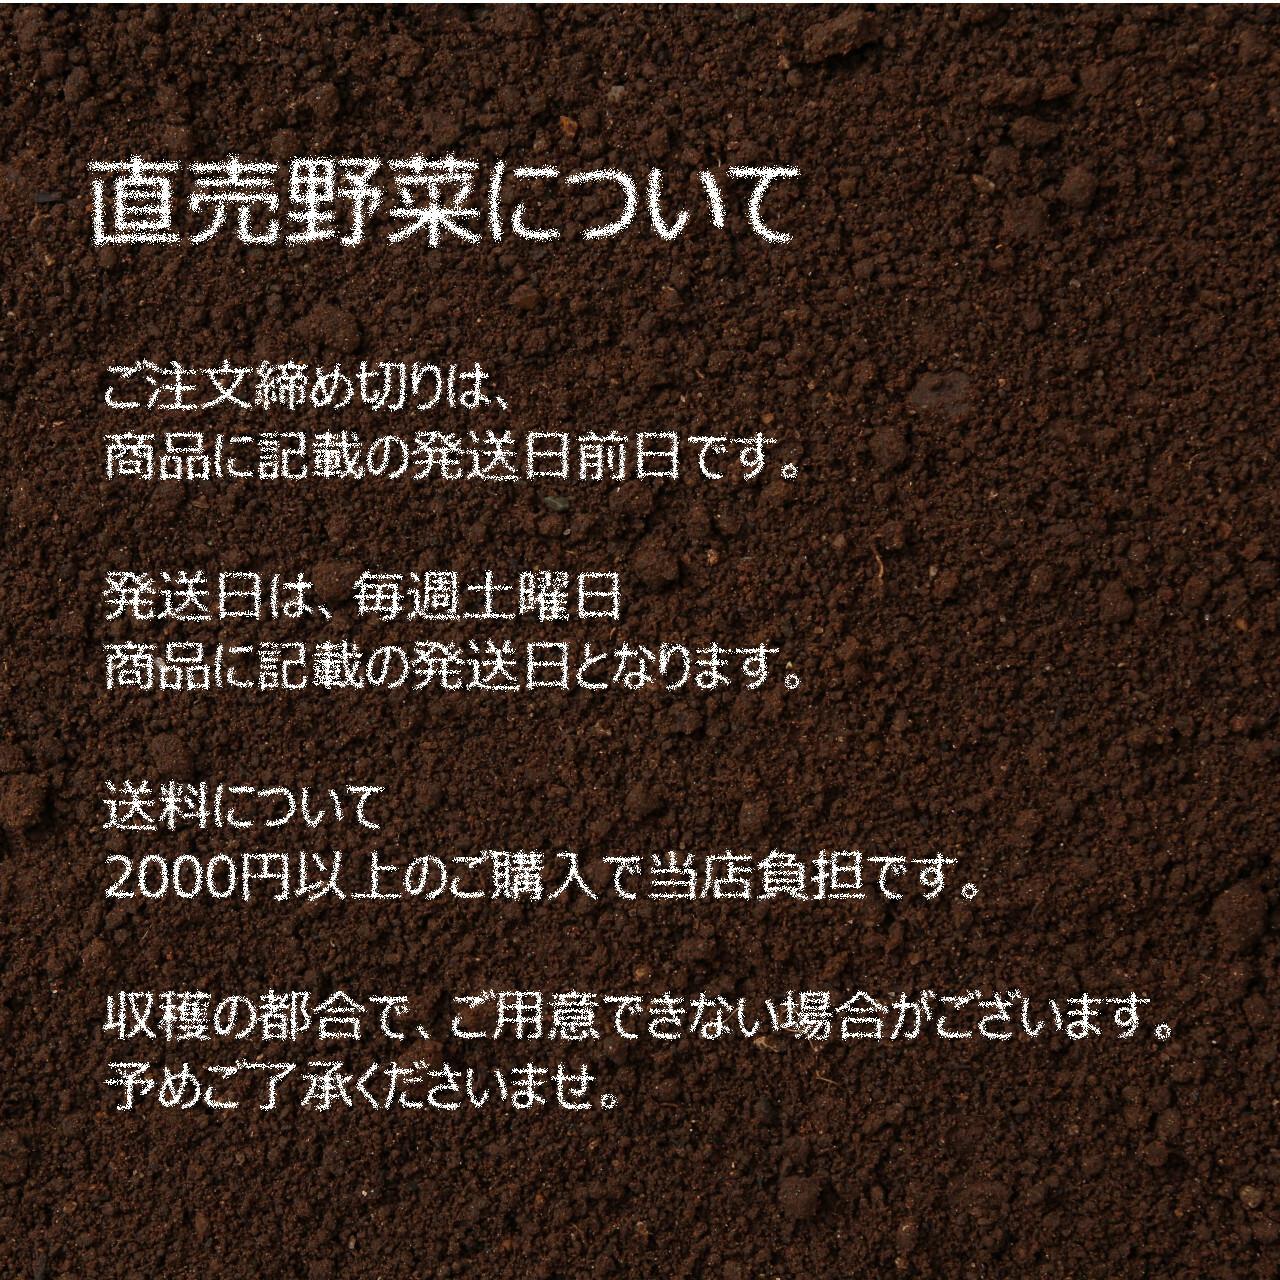 7月の新鮮野菜 : ピーマン 約150g 朝採り直売野菜 7月6日発送予定